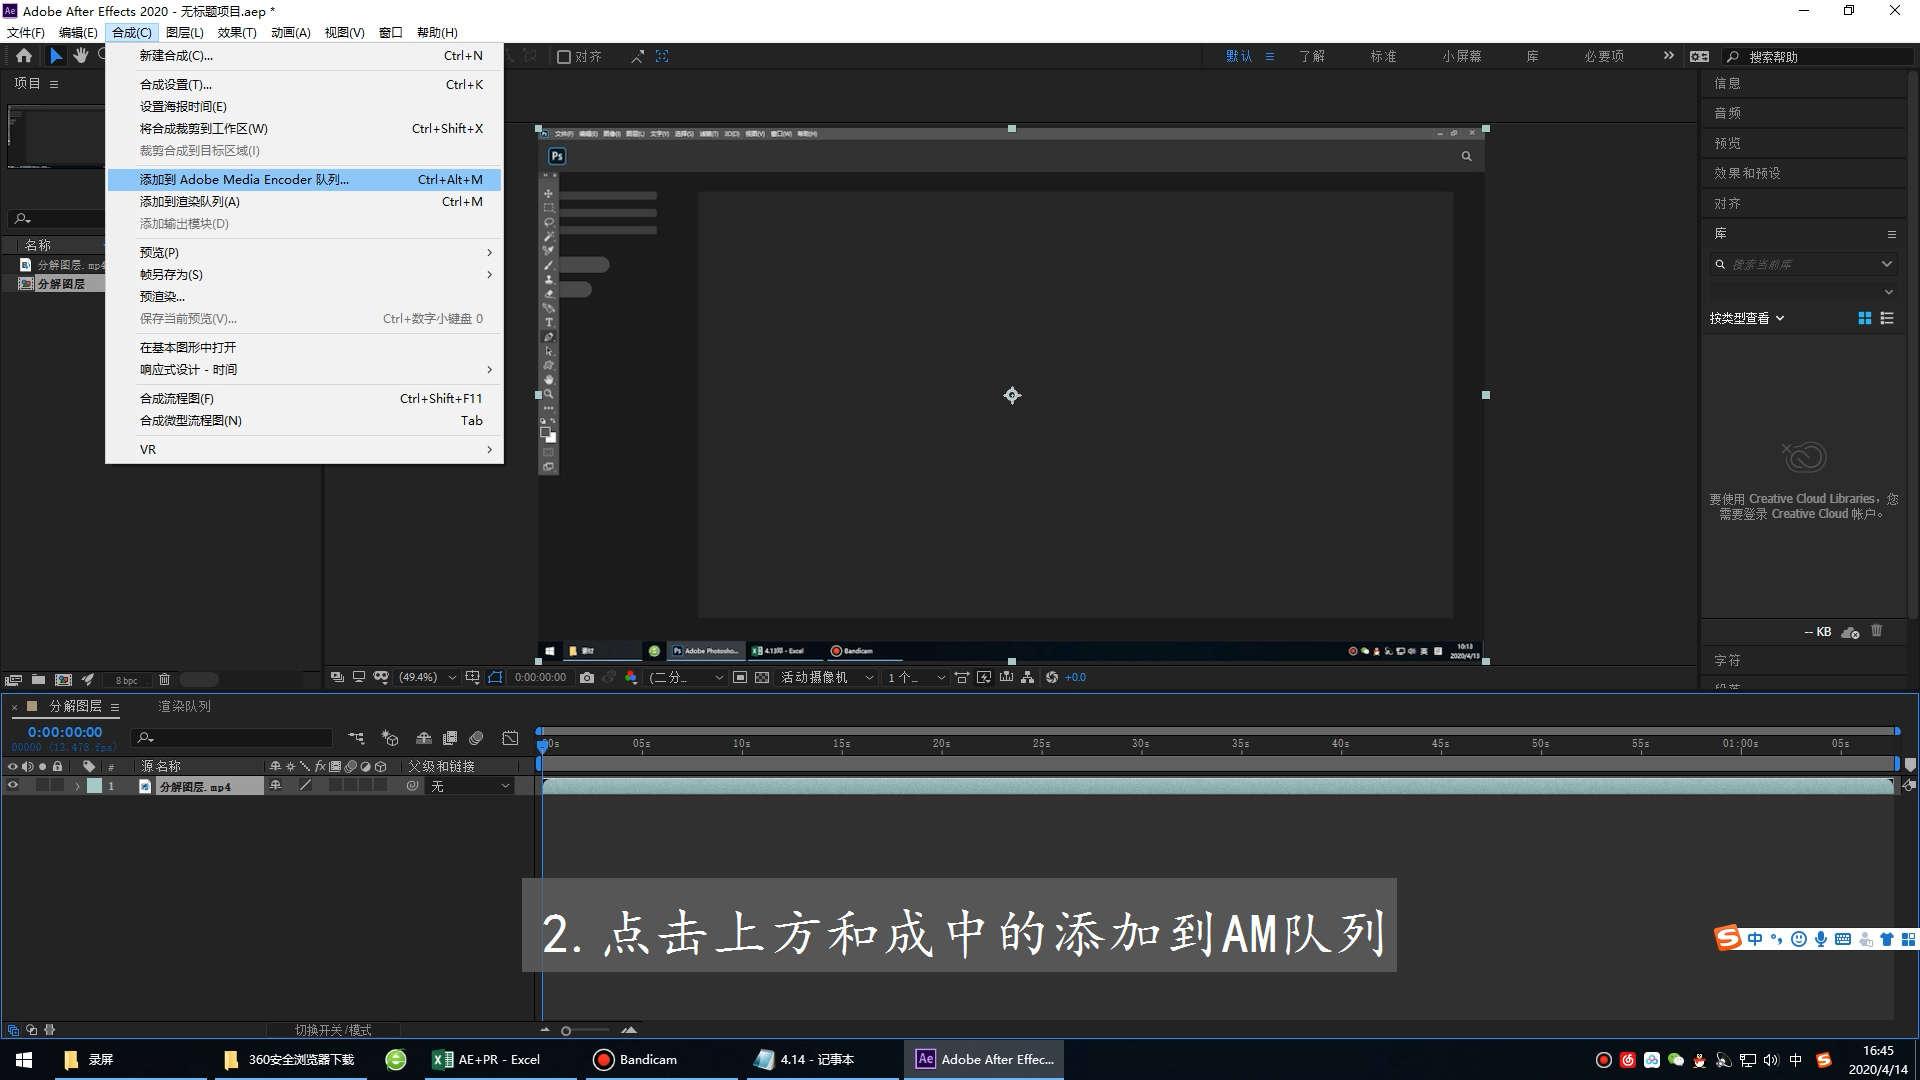 ae怎么导出视频mp4格式第2步